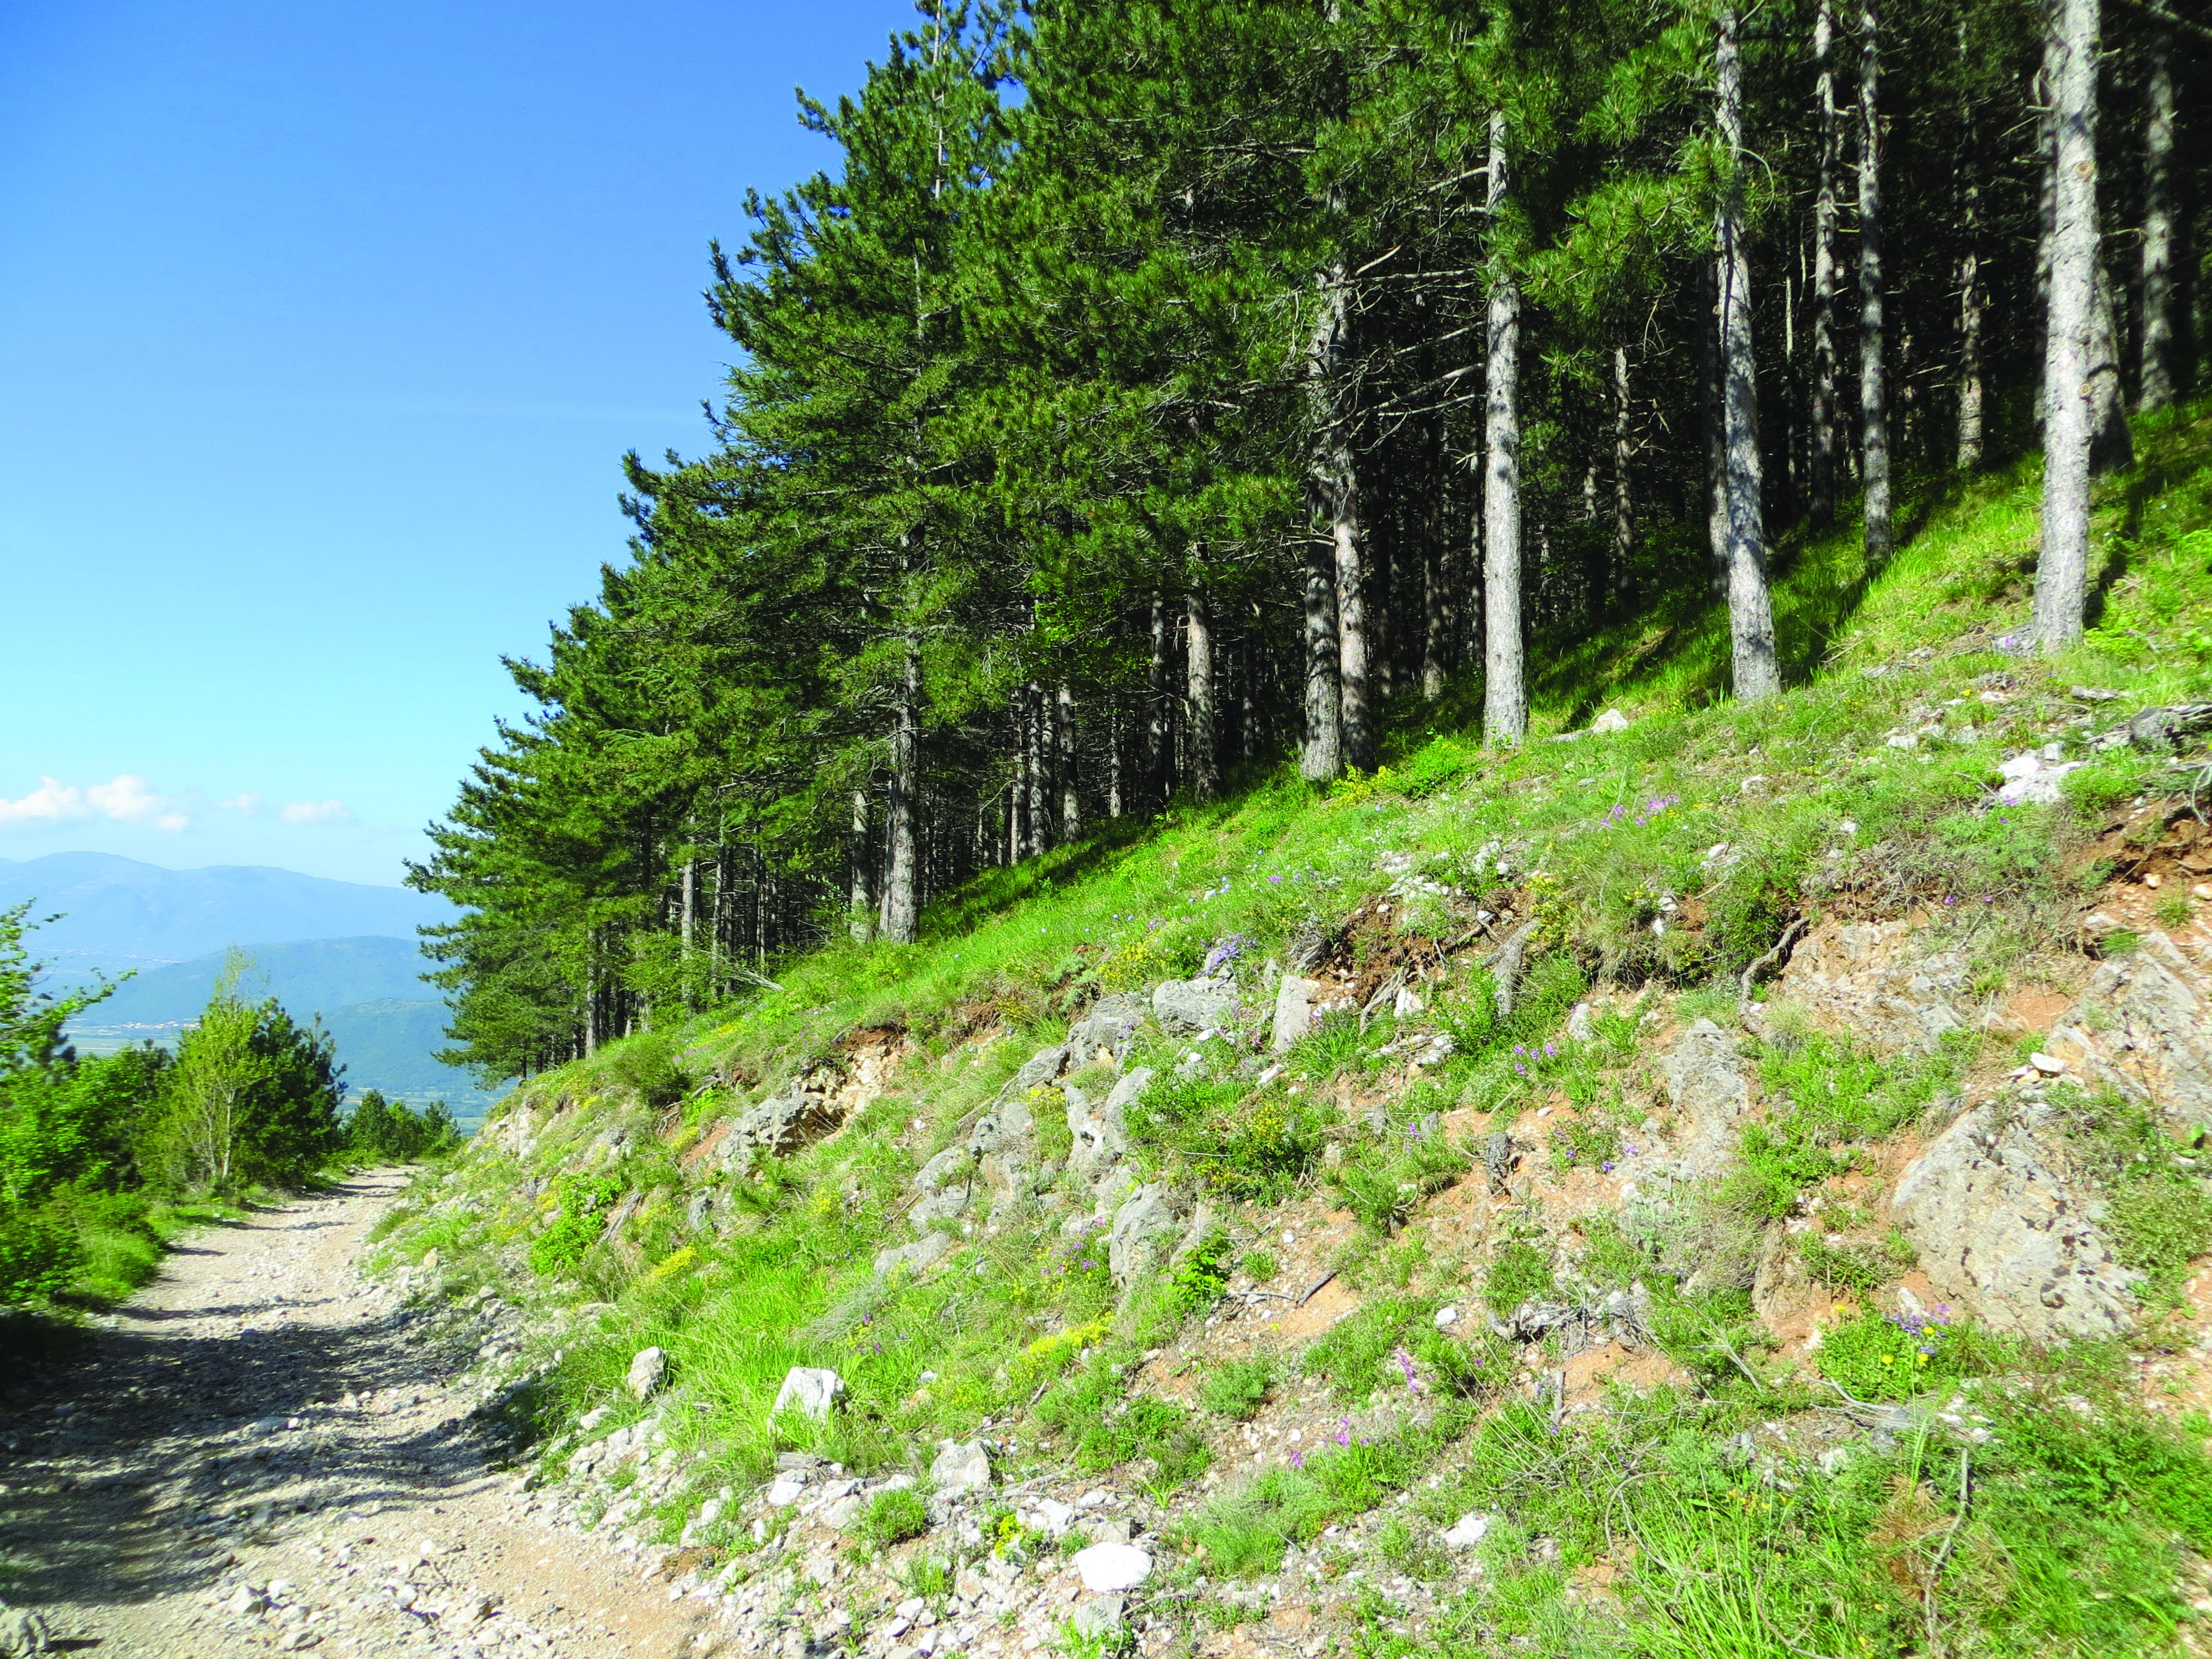 Vivaio Forestale Abruzzo : Pinete artificiali i tempi della rinaturalizzazione